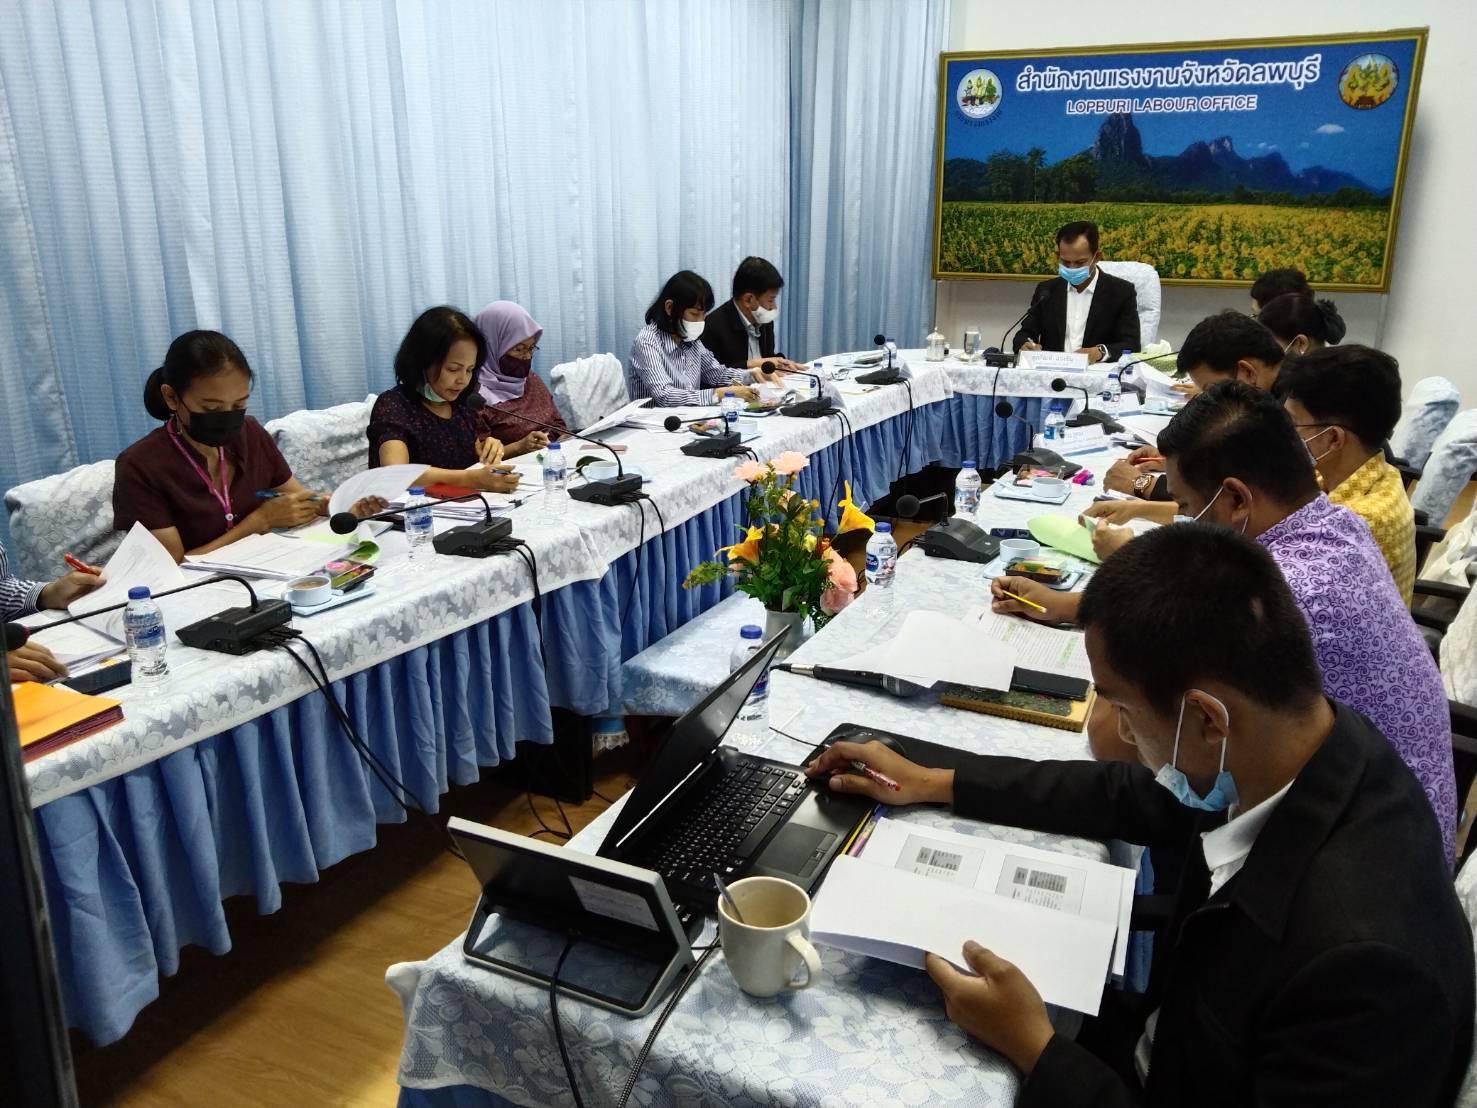 ประชุมหัวหน้าส่วนราชการสังกัดกระทรวงแรงงานจังหวัดลพบุรี ครั้งที่ 4/2563